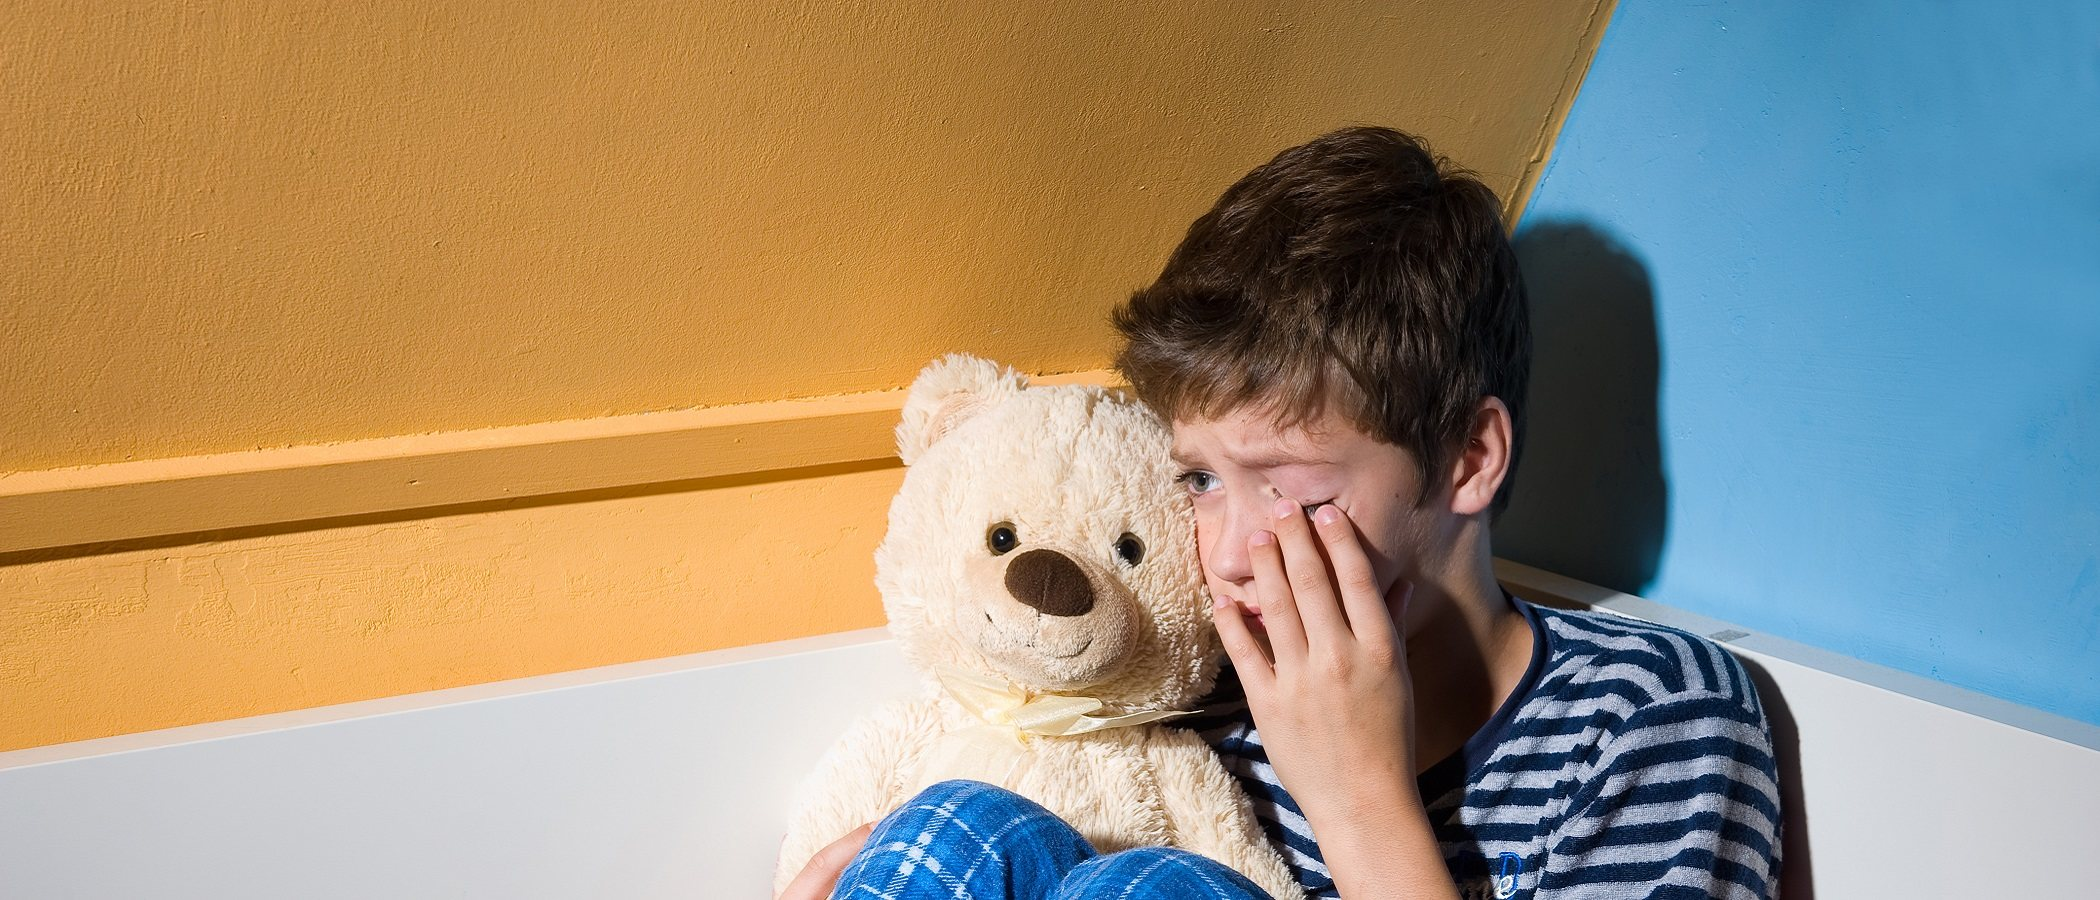 Los miedos y las fobias en los niños